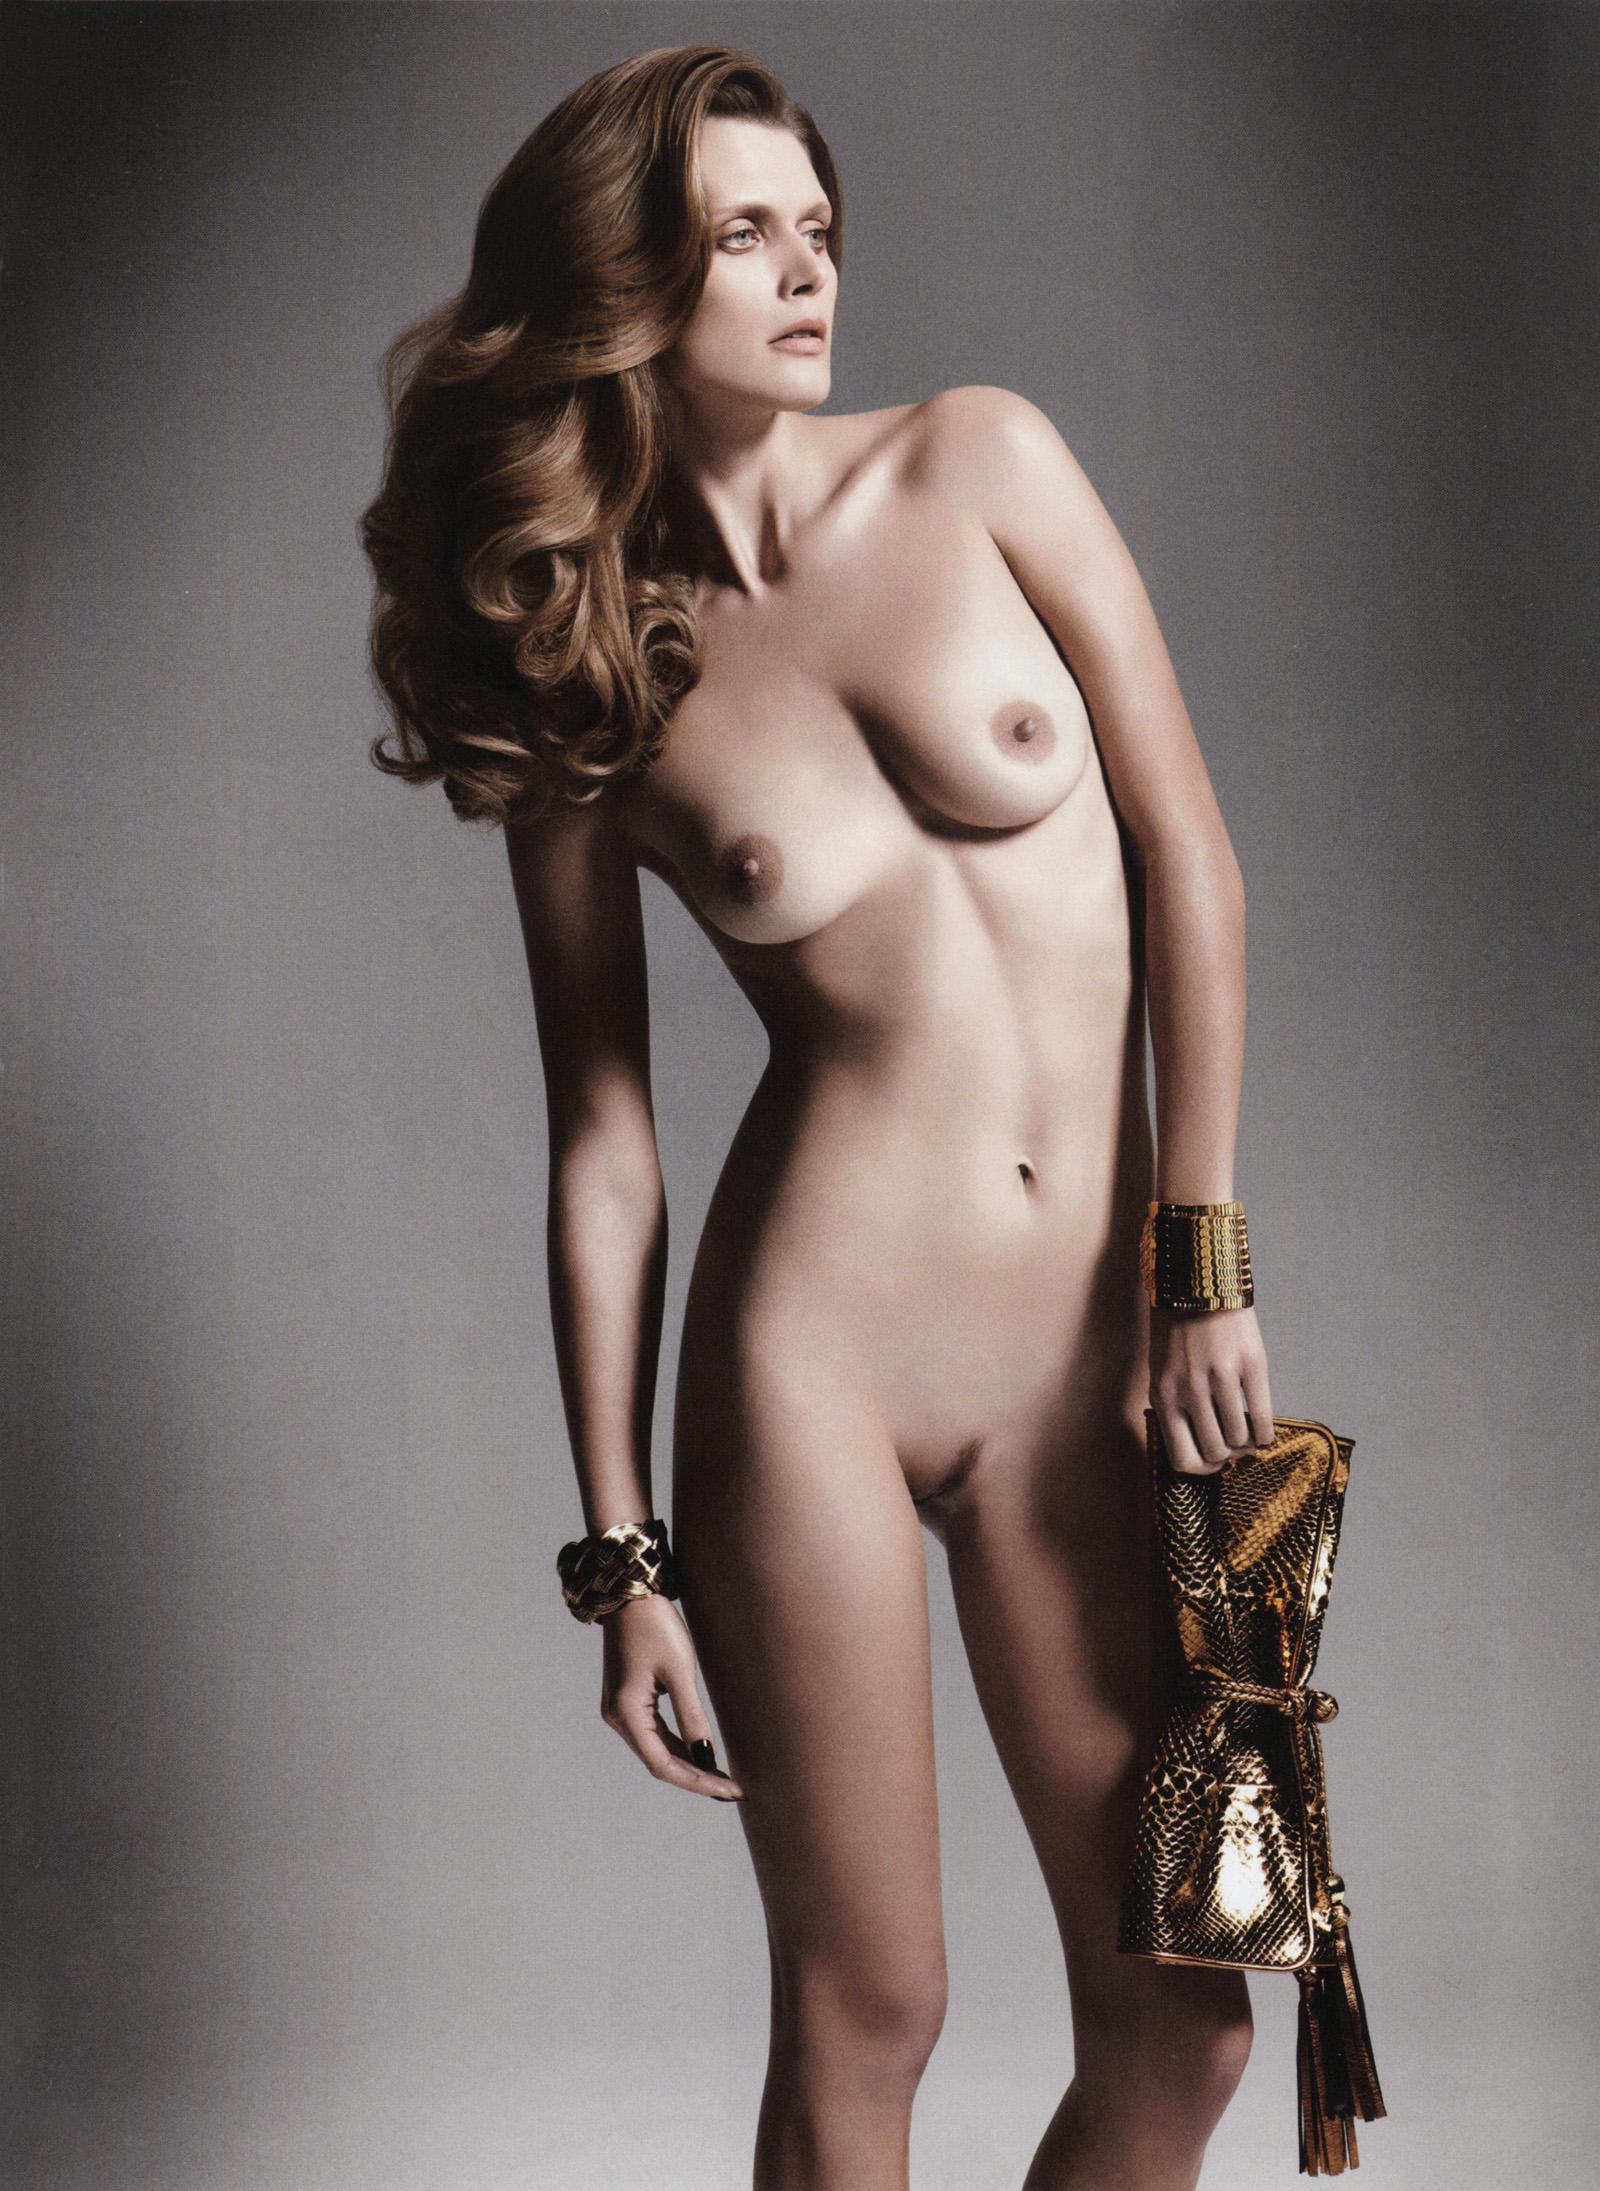 Фото голых моделей на показе 18 фотография